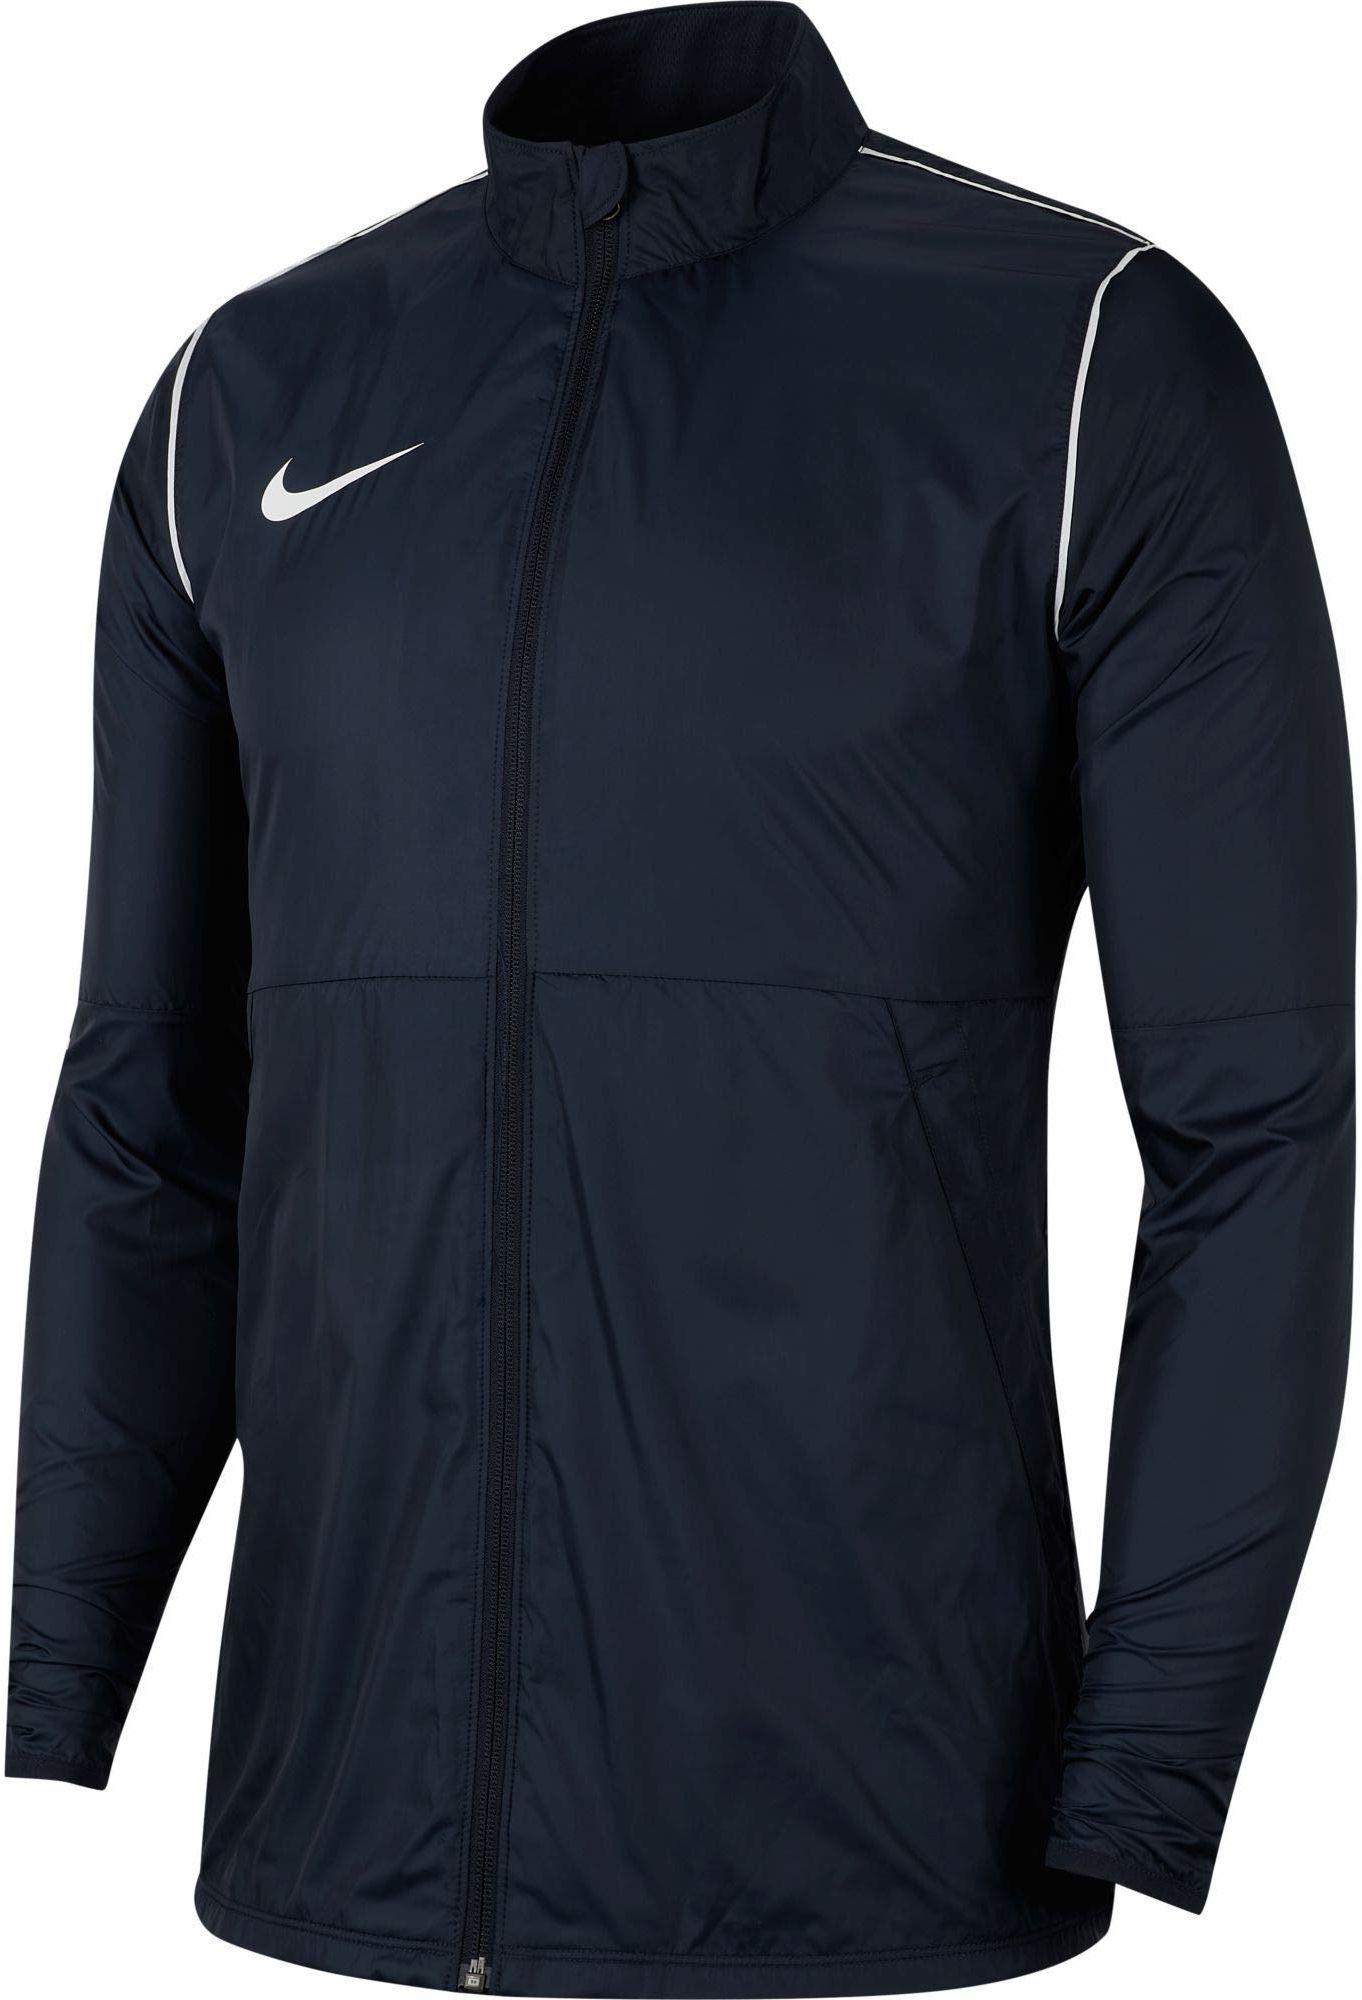 Nike męska kurtka sportowa M NK RPL PARK20 RN JKT W, obsydian/biała/biała, XL